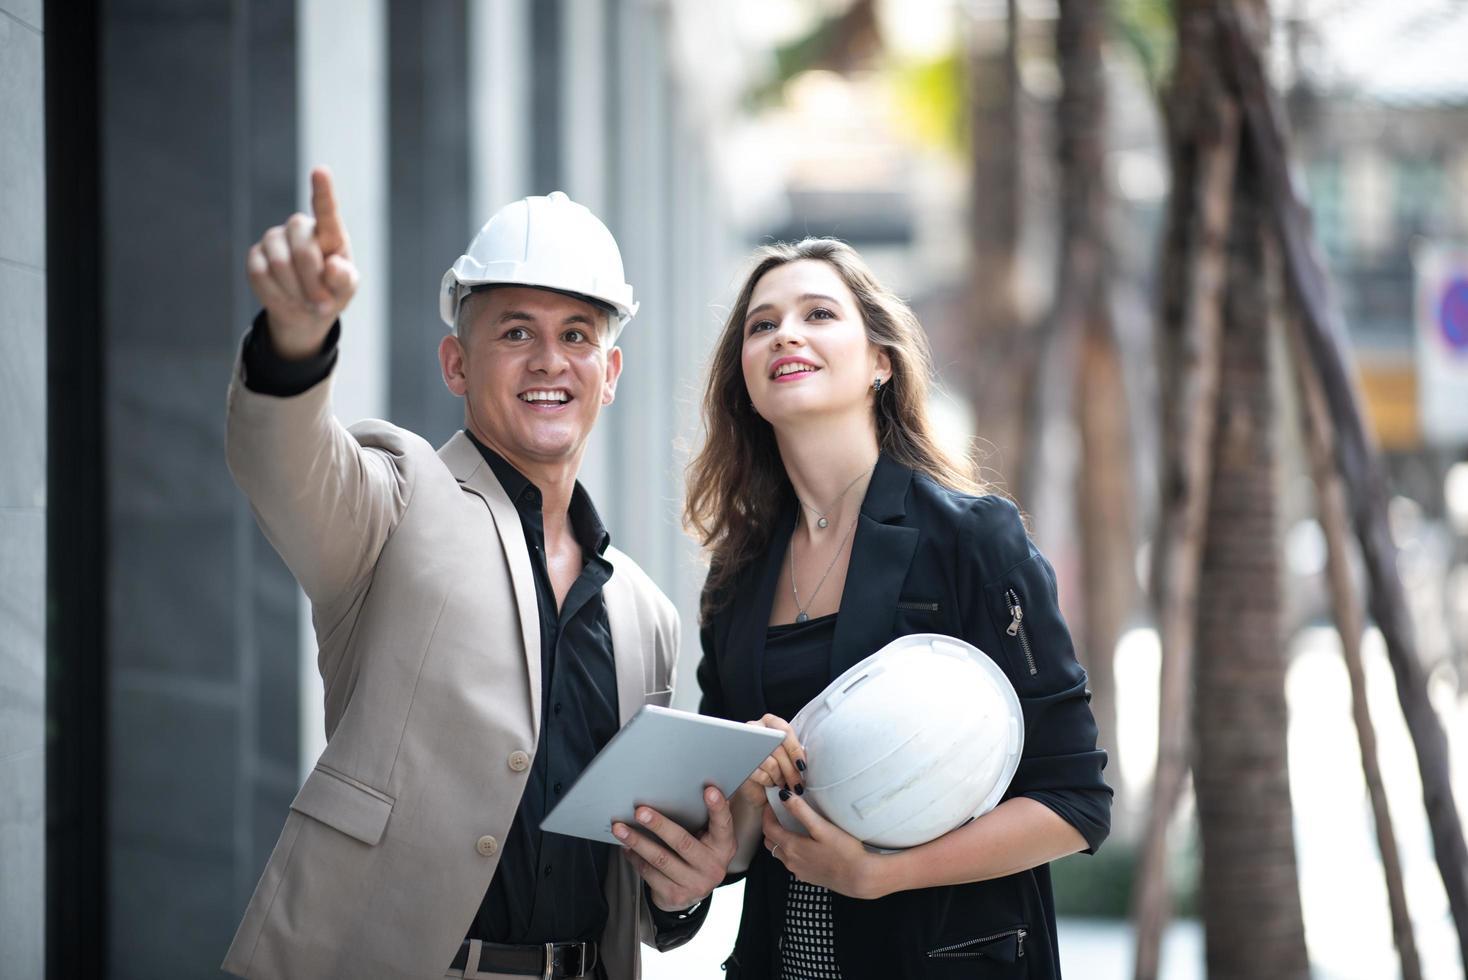 dos trabajadores inspeccionando un sitio de construcción foto